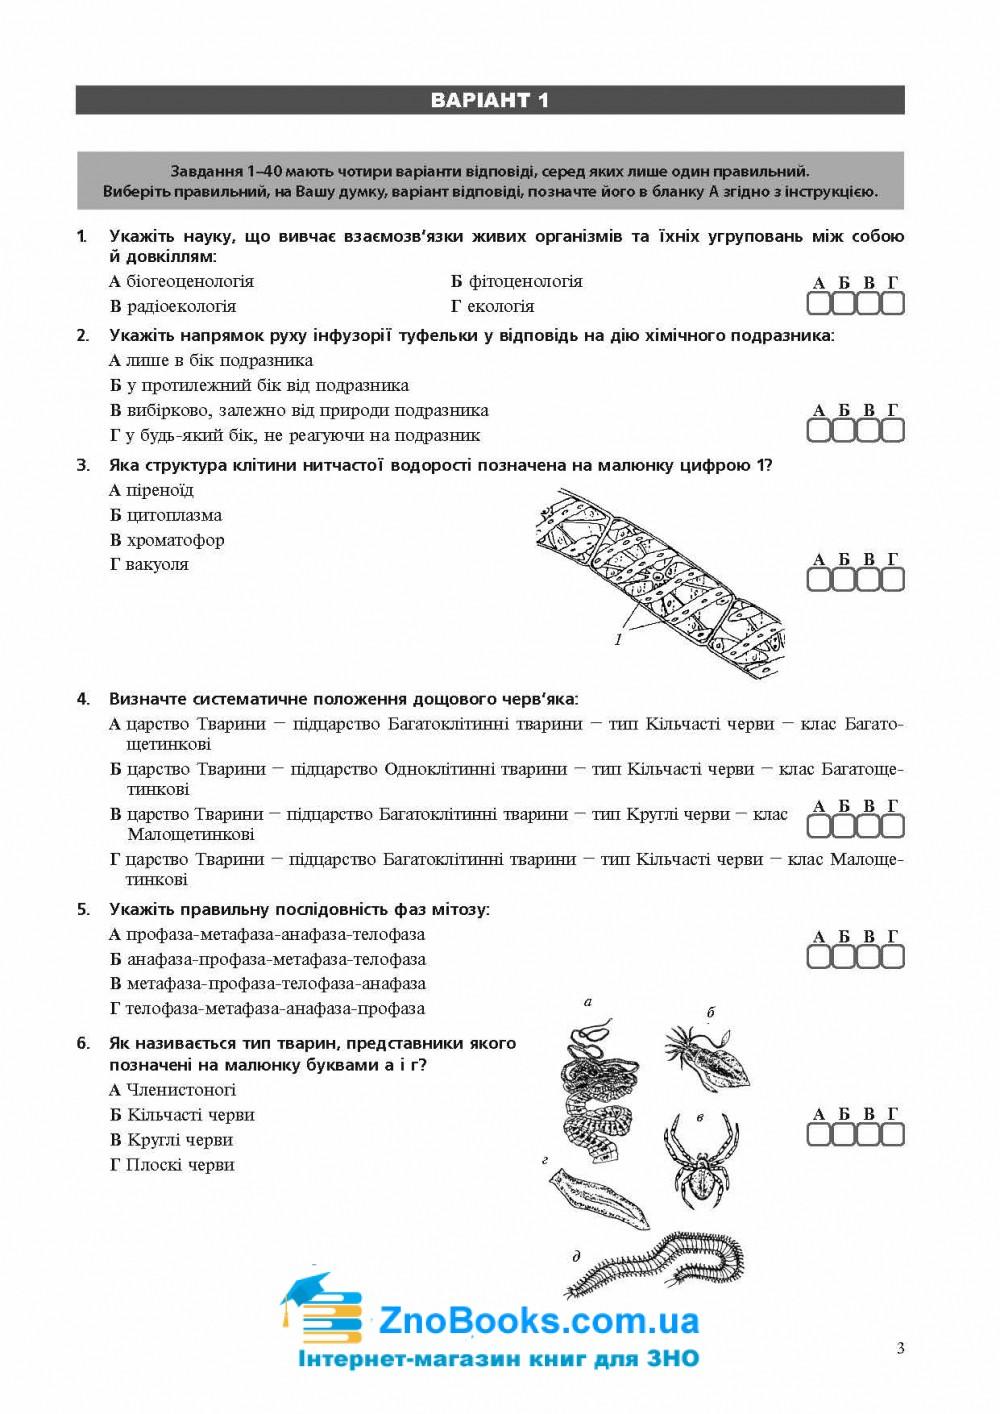 ЗНО 2020 Біологія. Тестові завдання. Олійник І. Навчальна книга - Богдан. купити 3